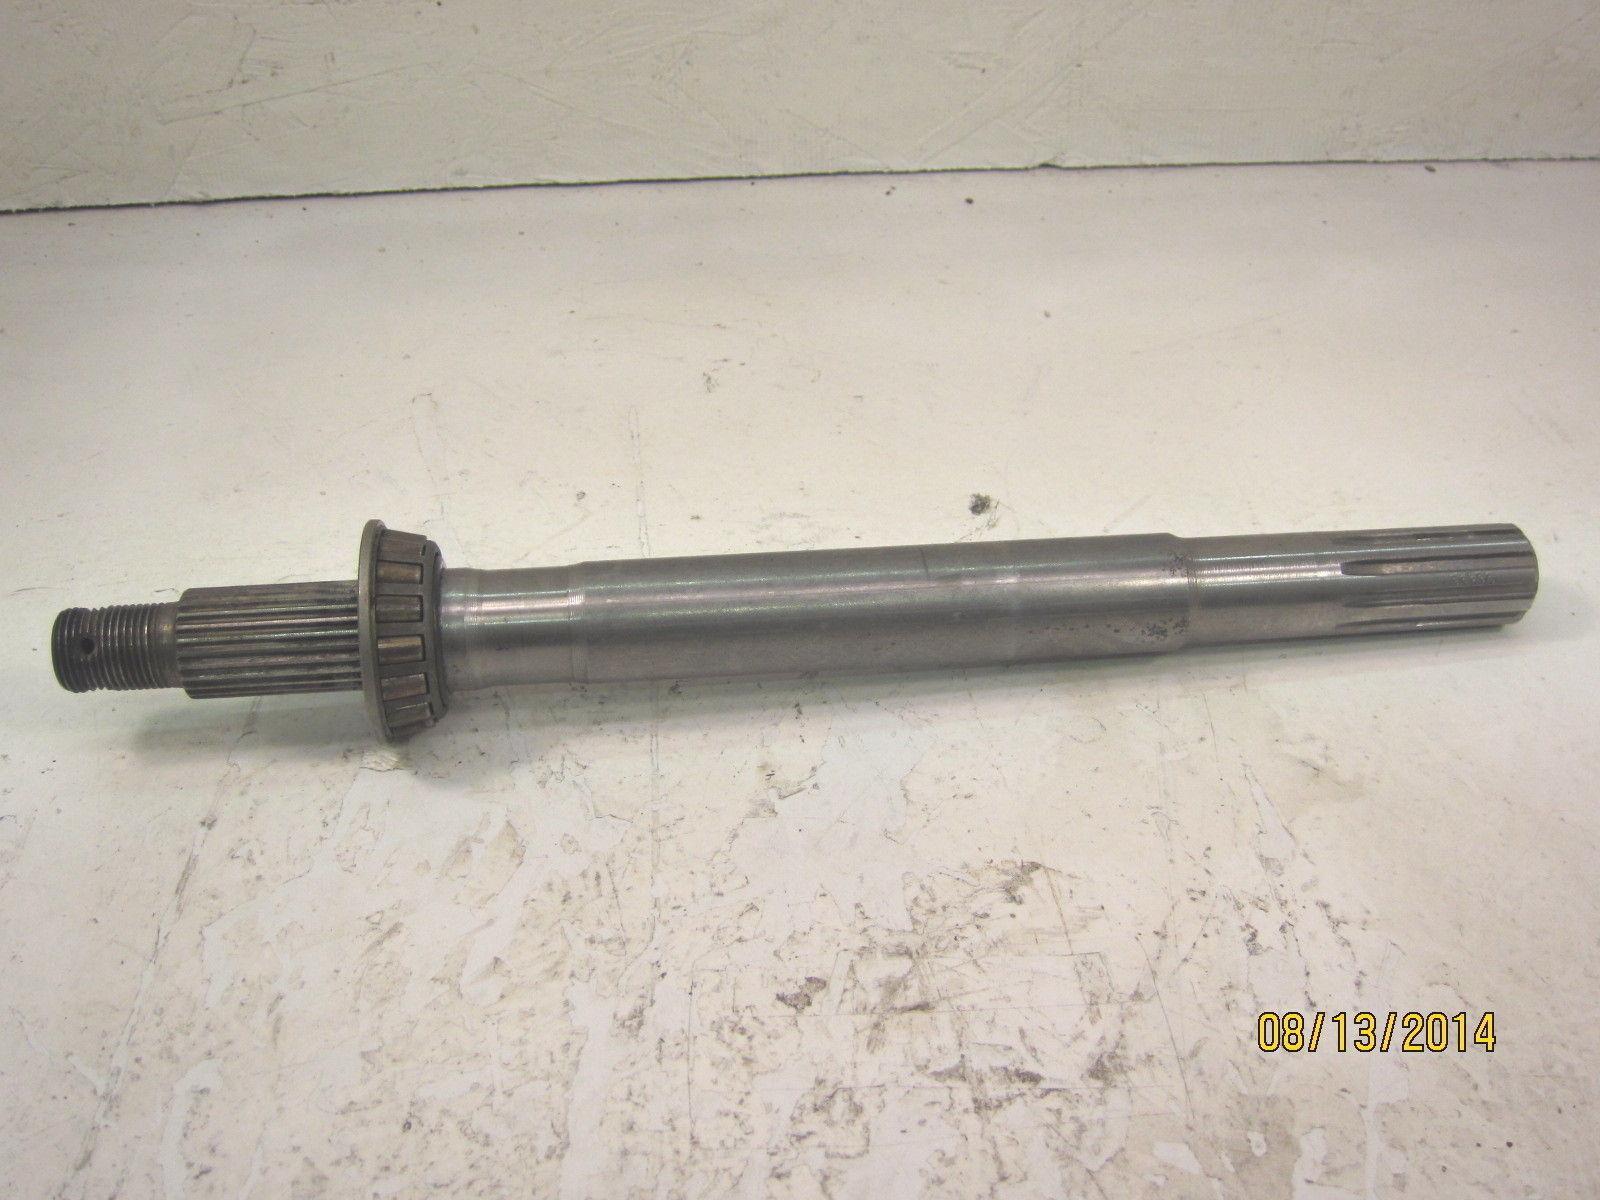 John Deere 400 Garden Tractor Axle Shaft : John deere garden tractor transmission lh axle shaft